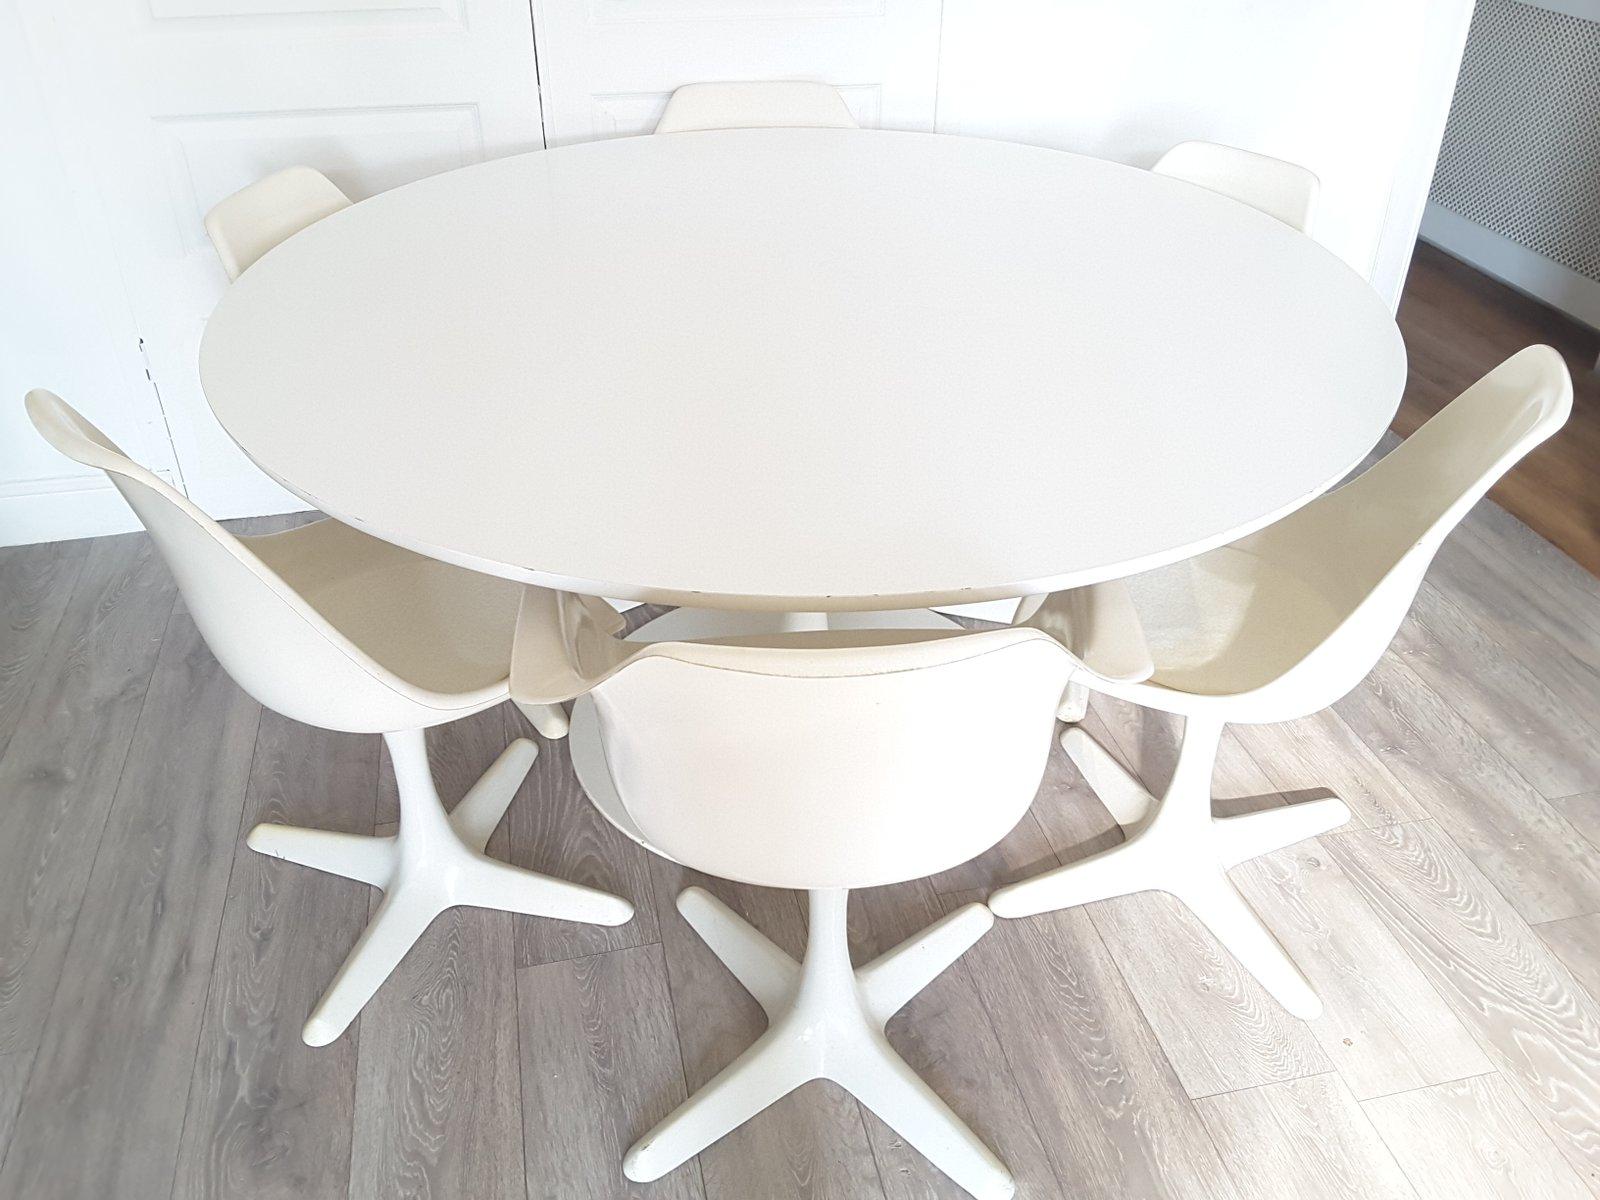 grande table de salle manger ronde tulip et six chaises par maurice burke pour arkana 1970s